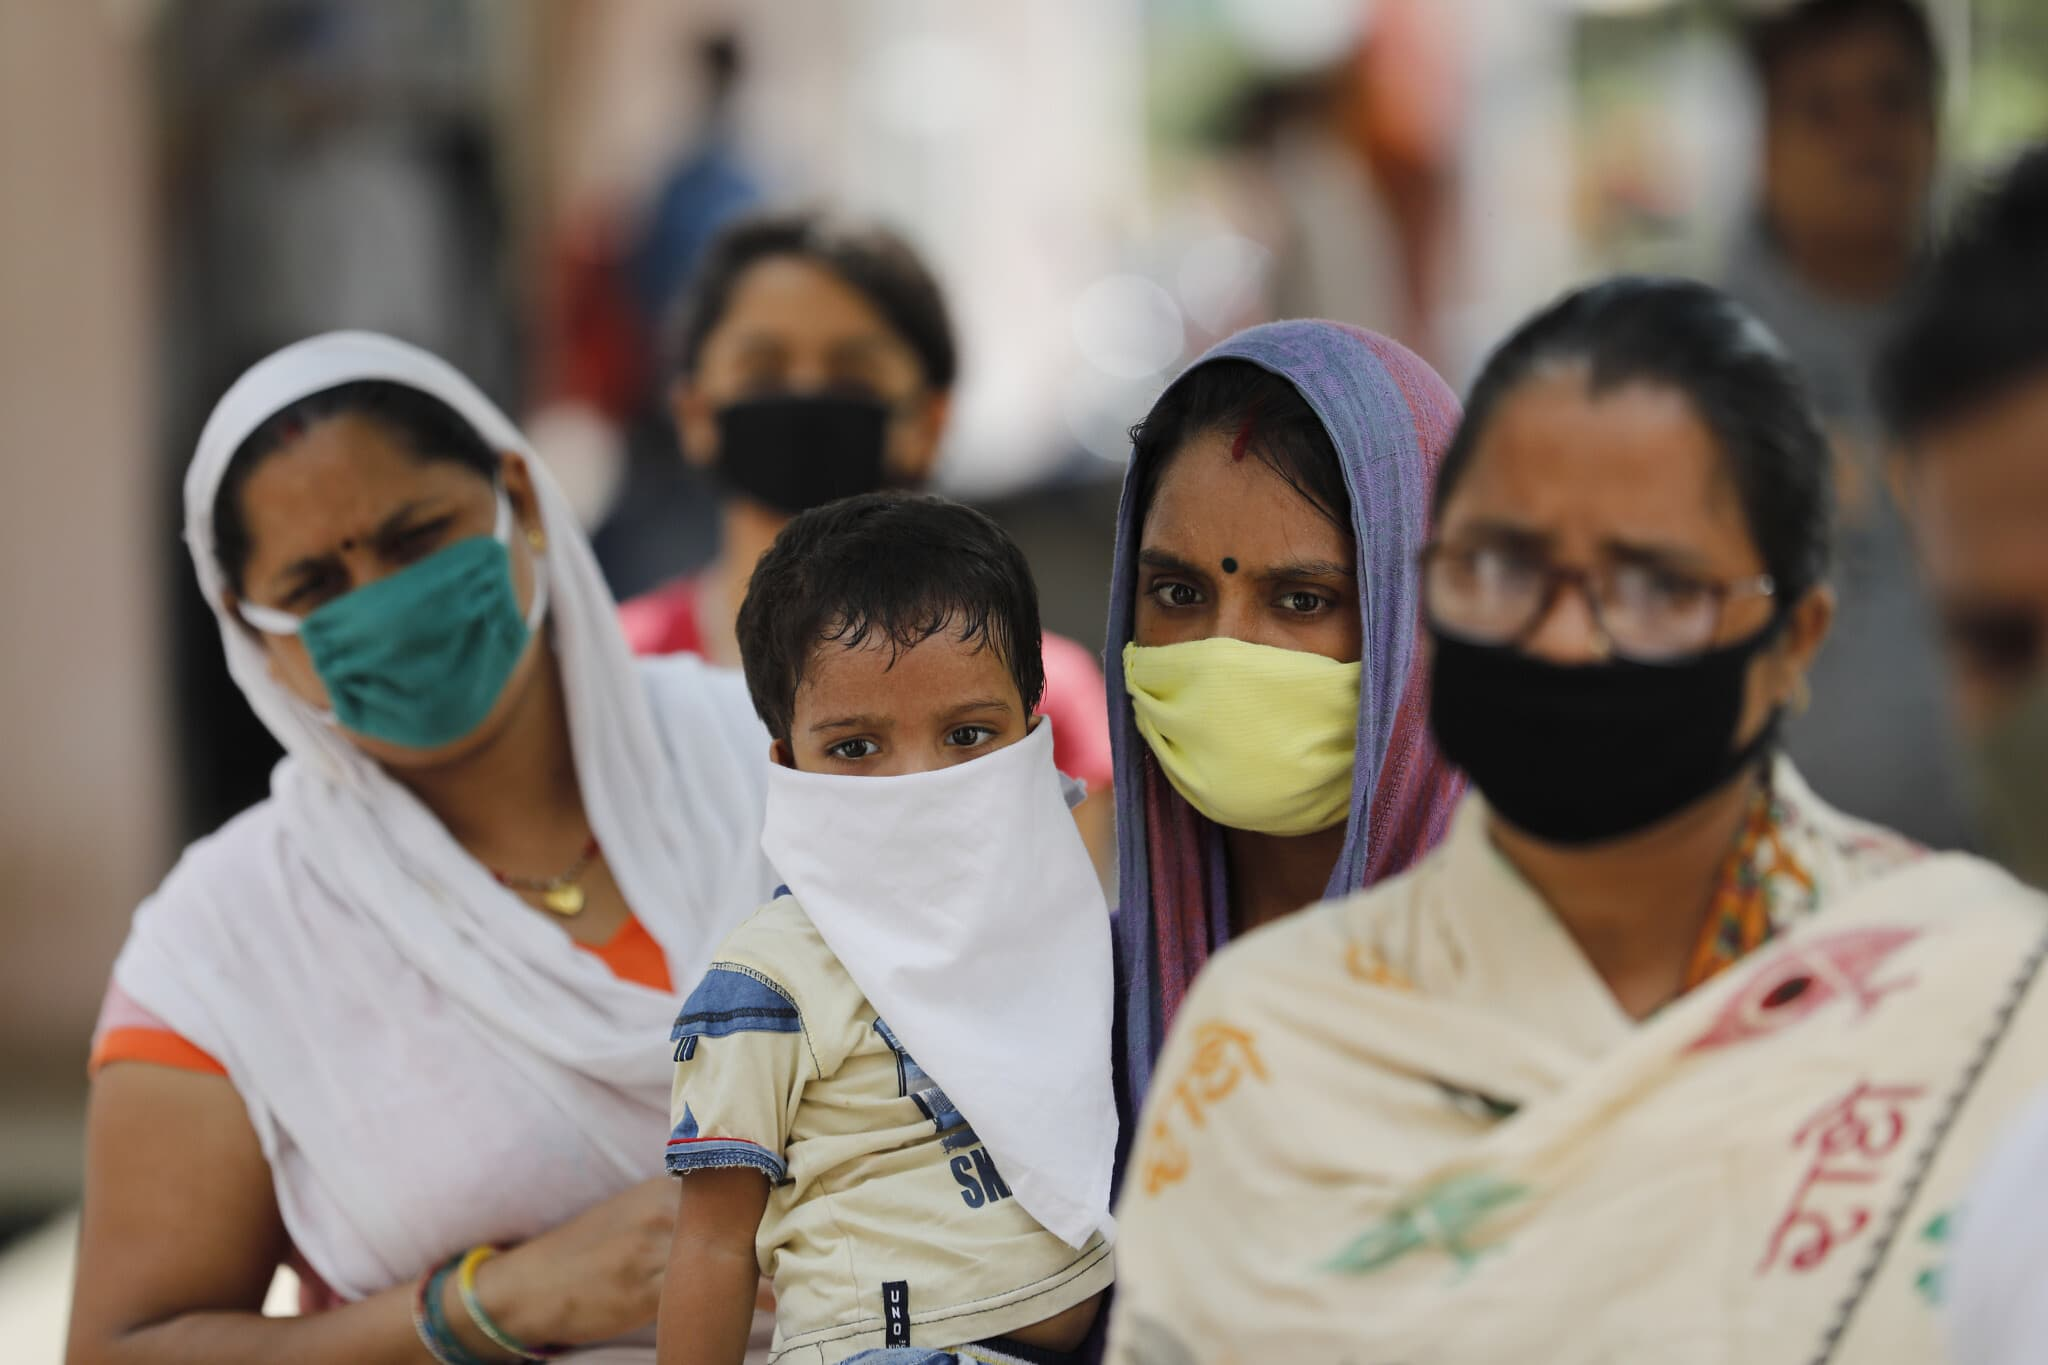 אנשים ממתינים בתור לבדיקת COVID-19 בהודו, ספטמבר 2020 (צילום: AP Photo/Rajesh Kumar Singh)